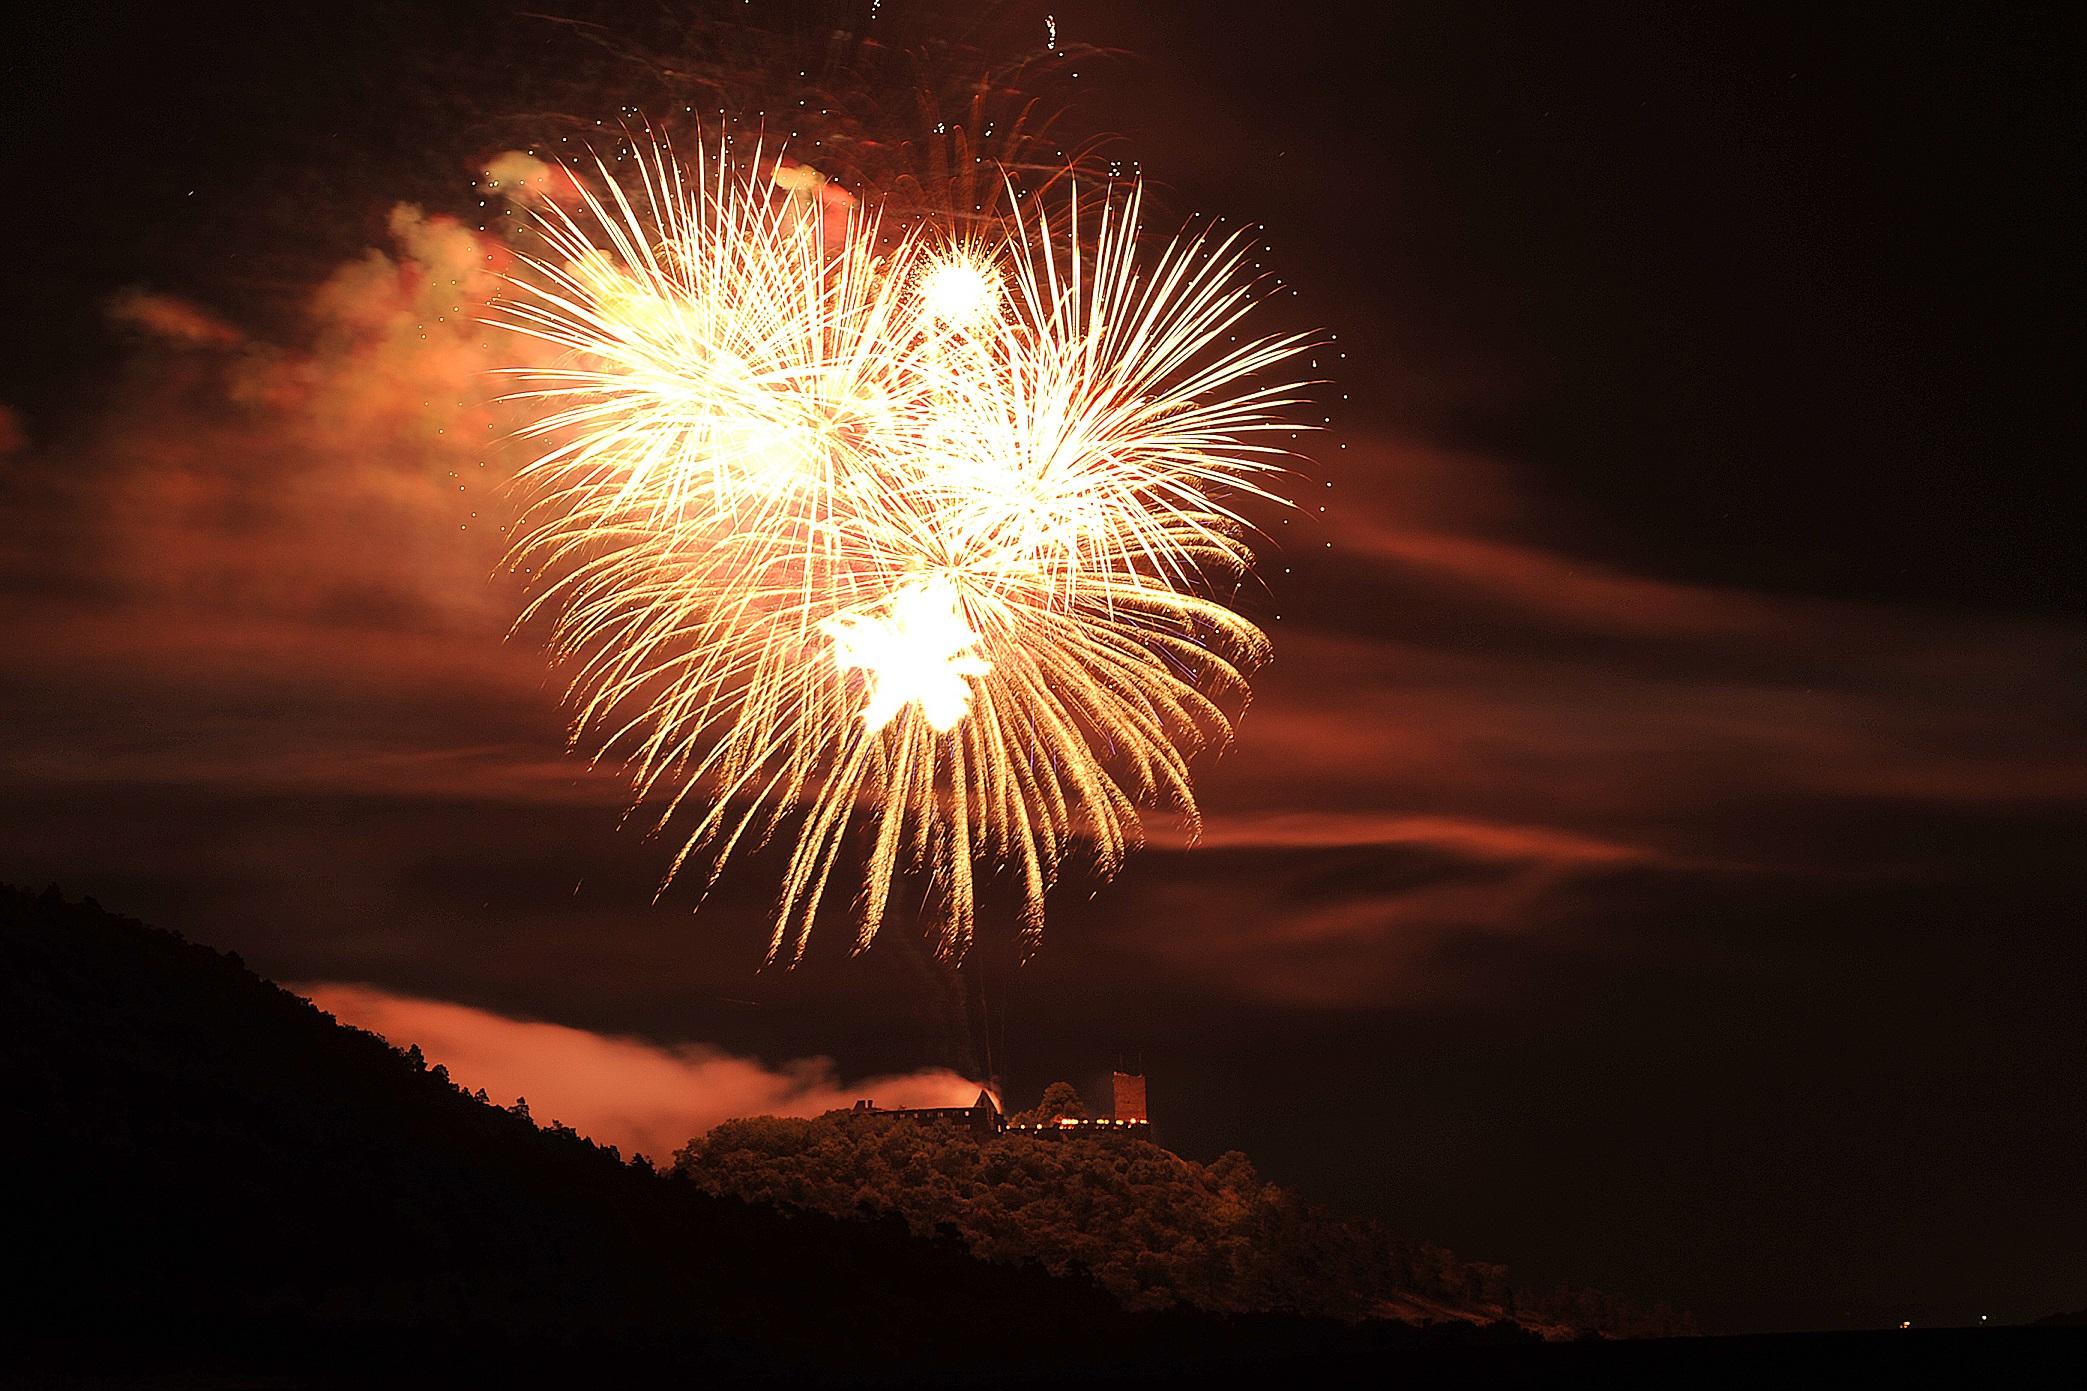 Drei(n)schlag 2011 - Feuerwerk über der Wandersleber Gleiche  (TA-Foto: Lutz Ebhardt)